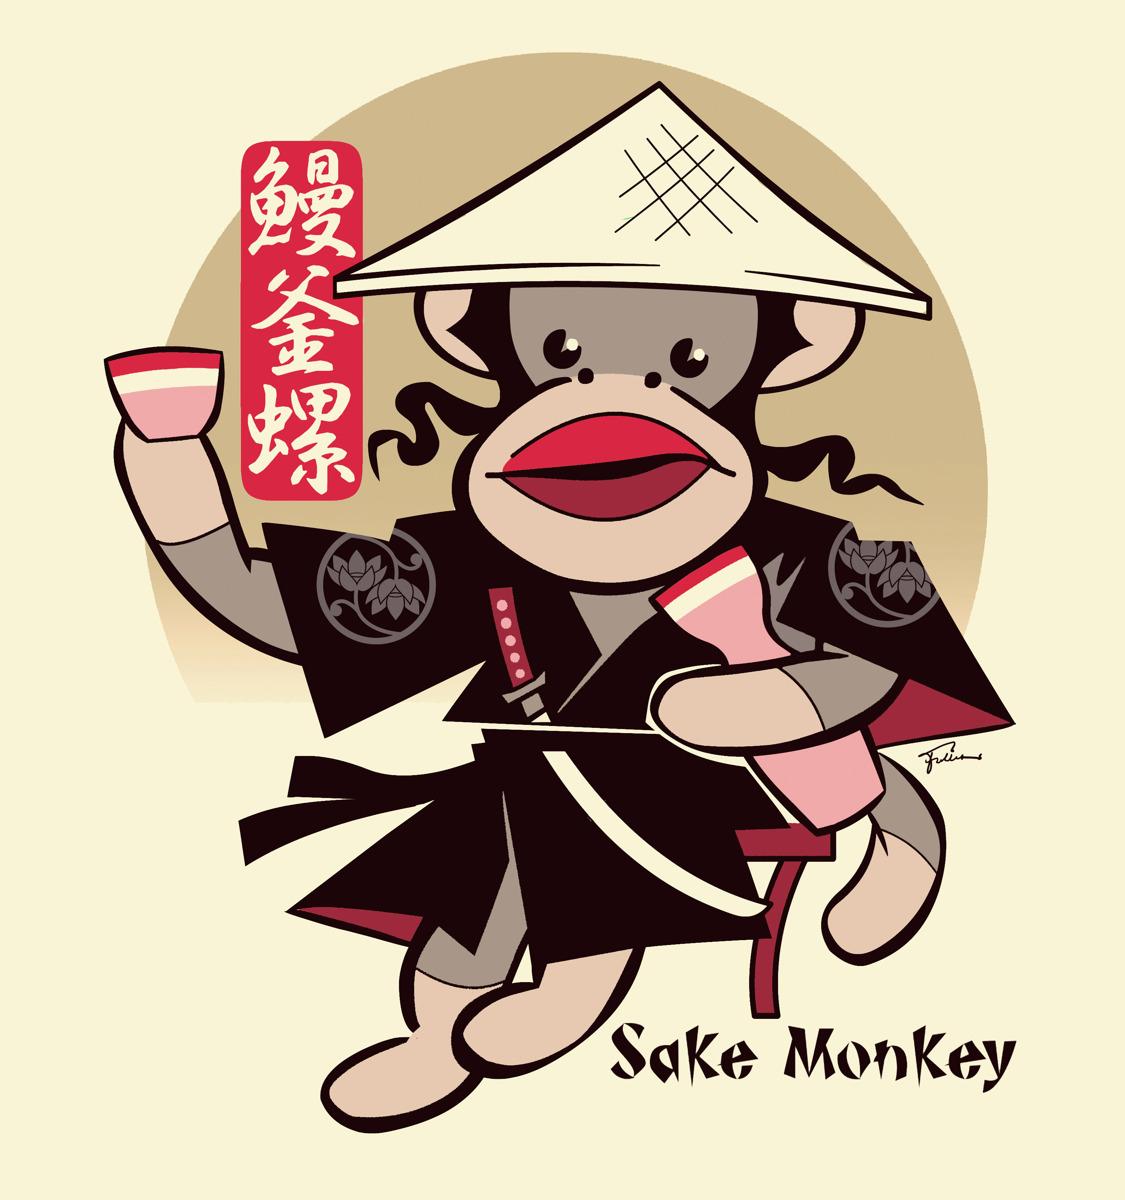 Sake Monkey (large view)